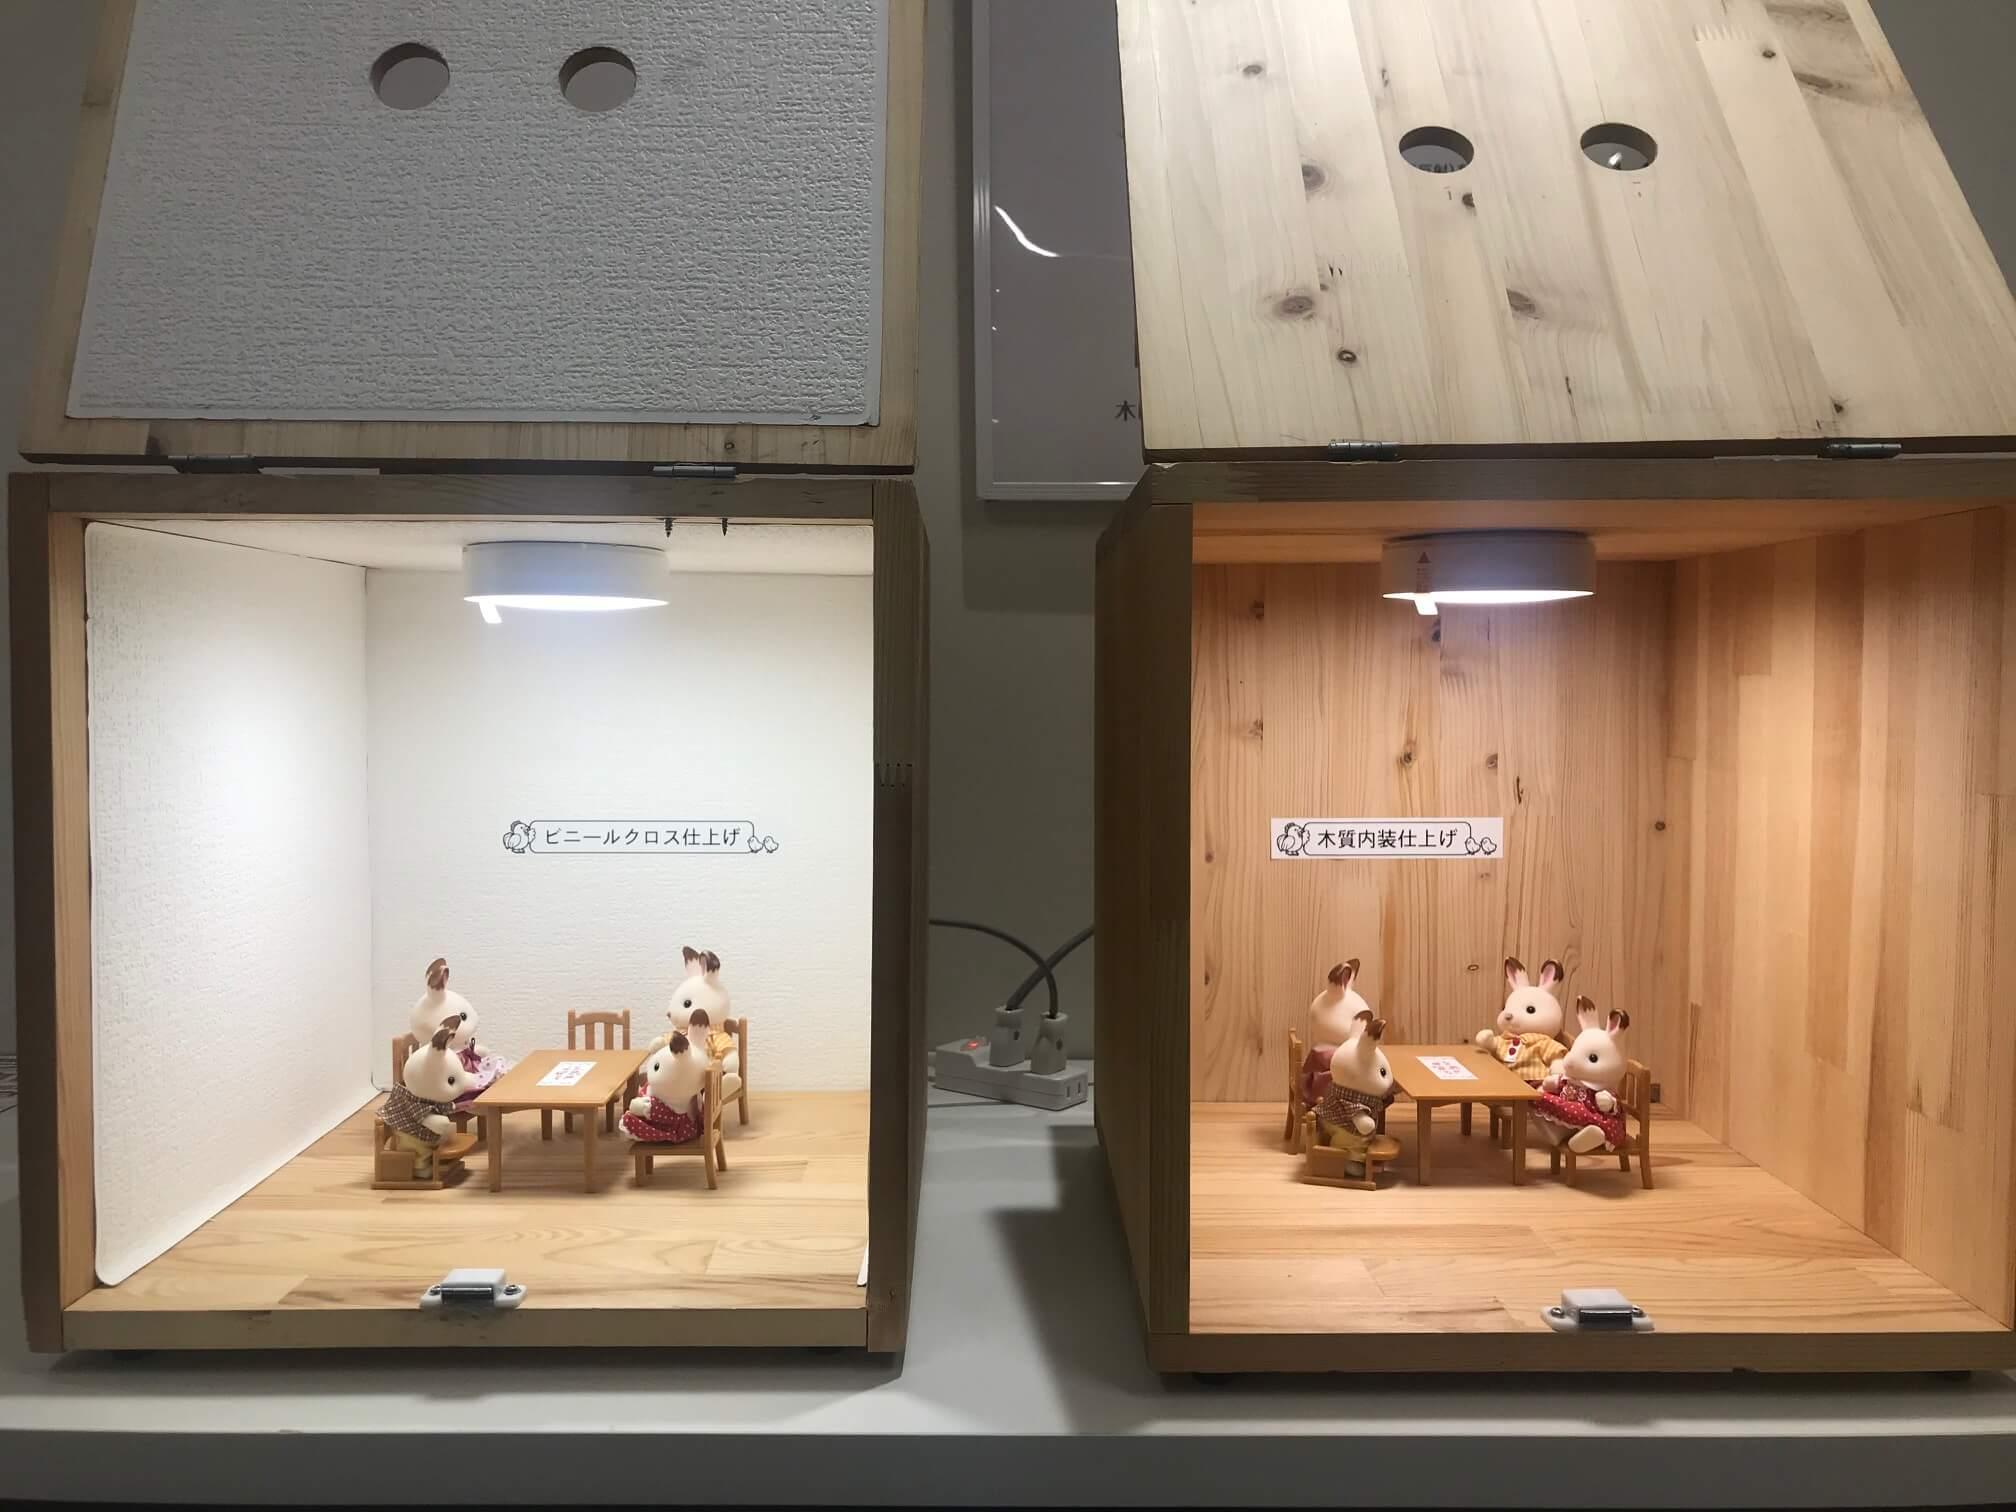 日記|安水建設|愛知県安城市を中心に三河エリアの木造注文住宅・リフォームLABOの施設のご紹介 ~照明の見え方~